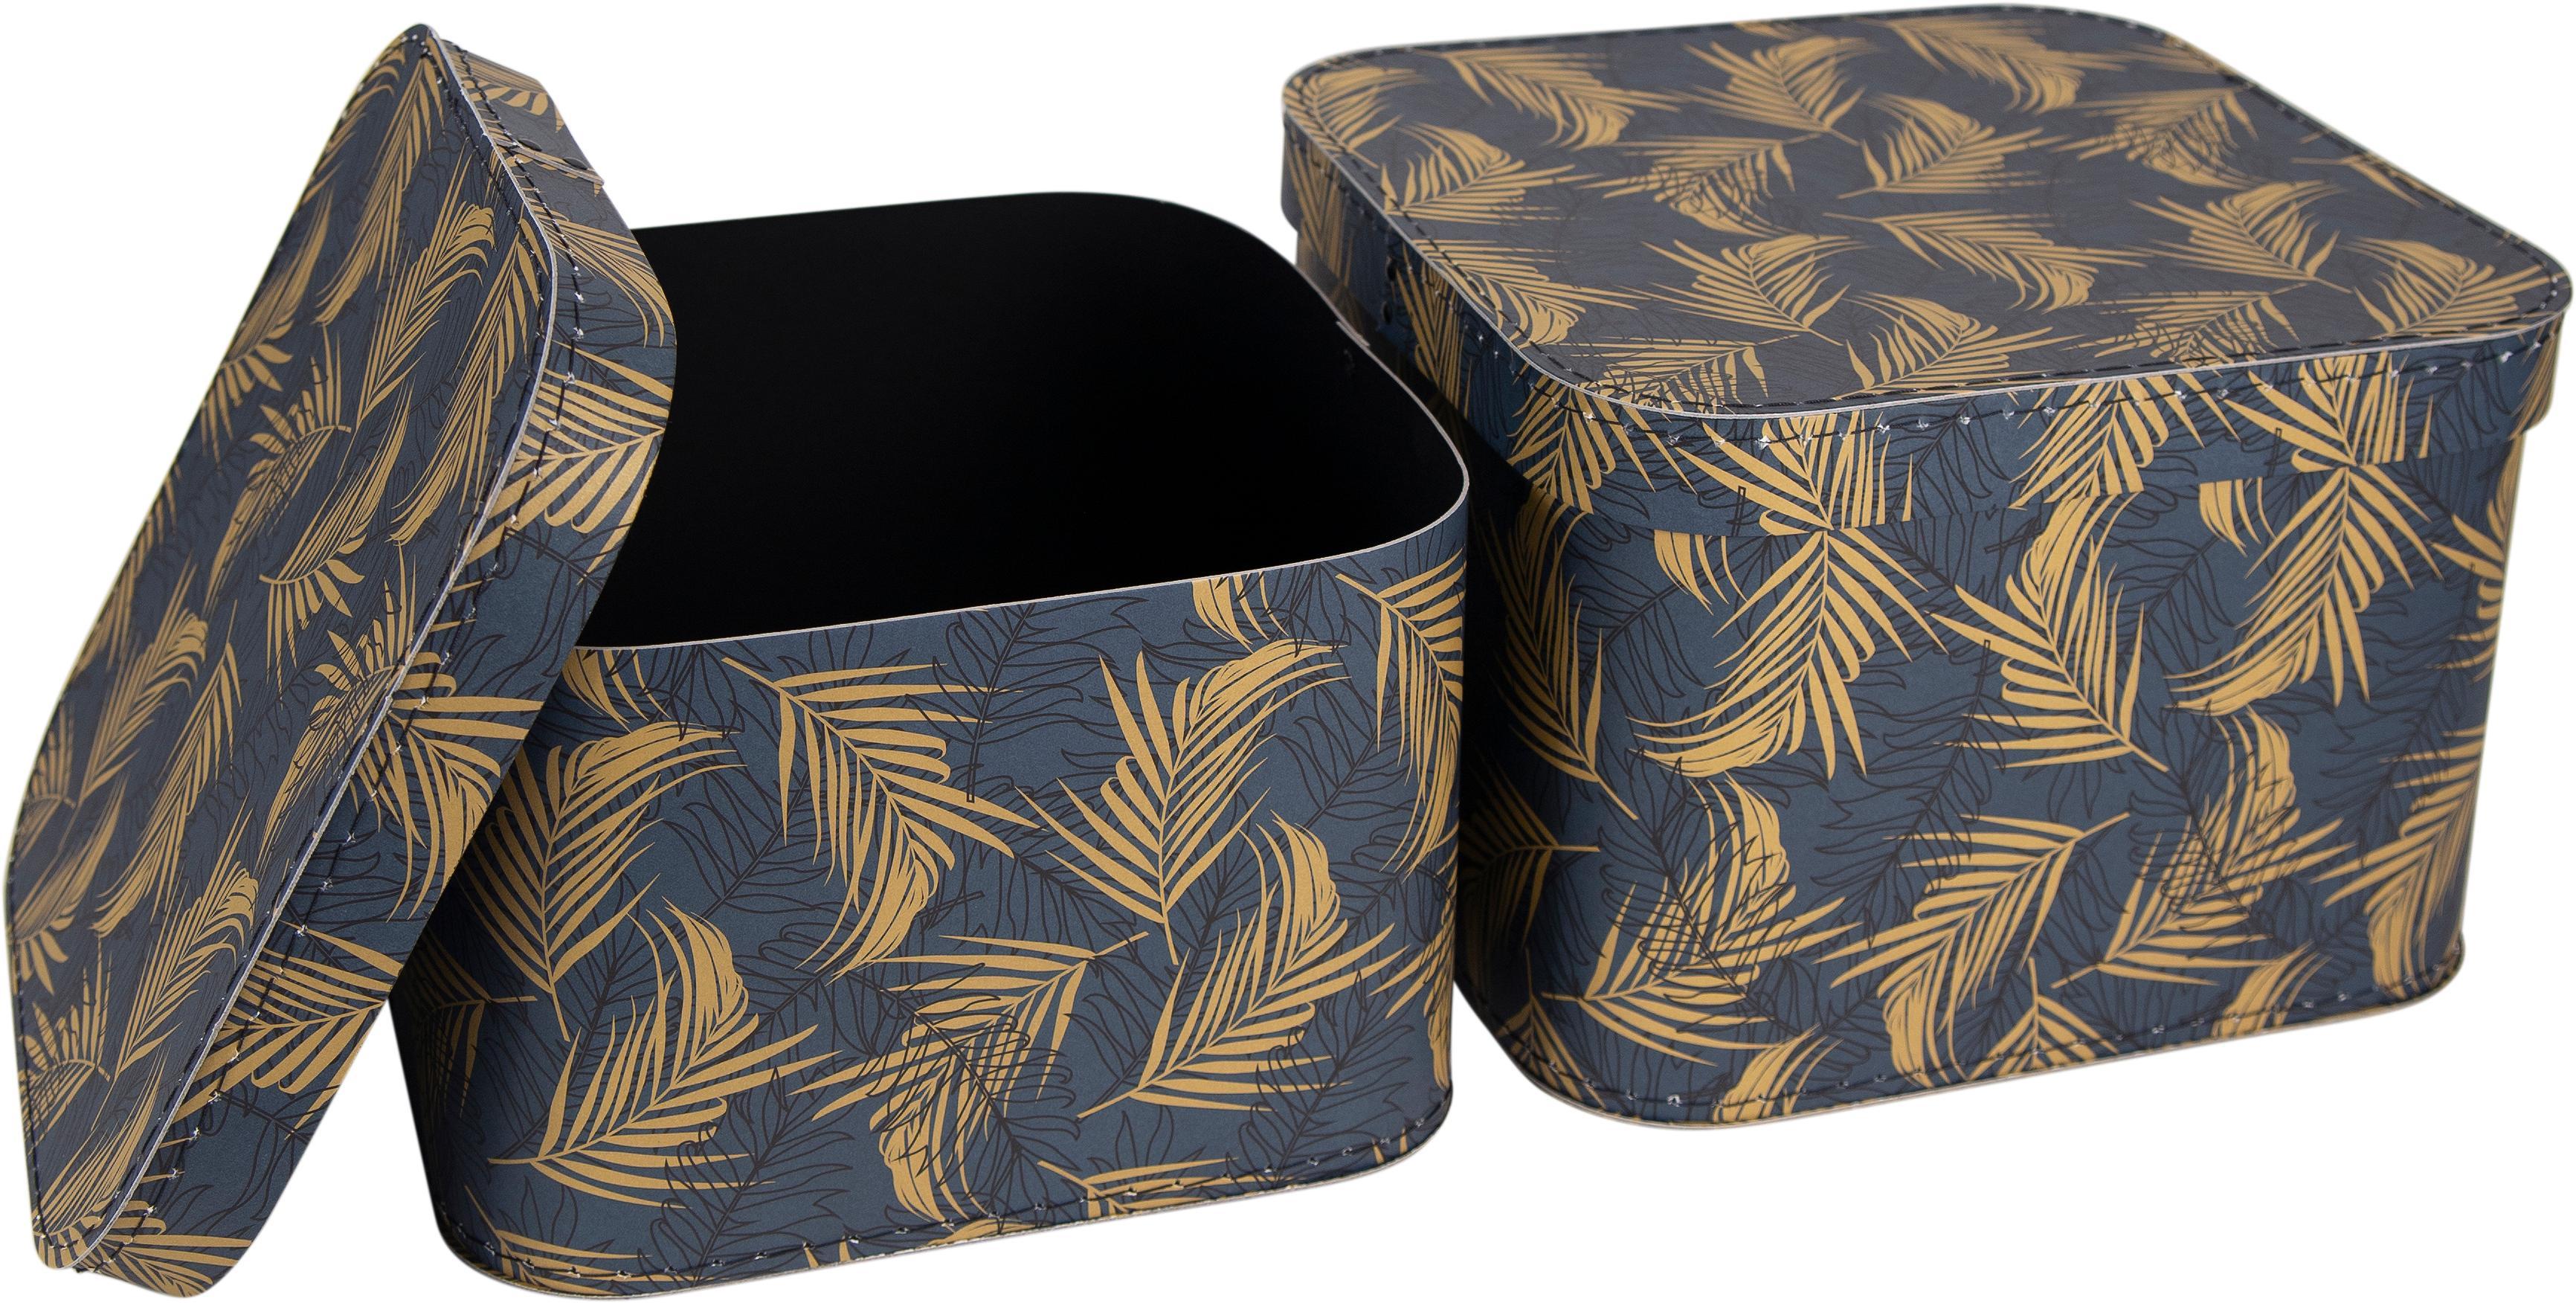 Aufbewahrungsboxen-Set Ludvig, 2-tlg., Fester, laminierter Karton, Goldfarben, Graublau, Sondergrößen